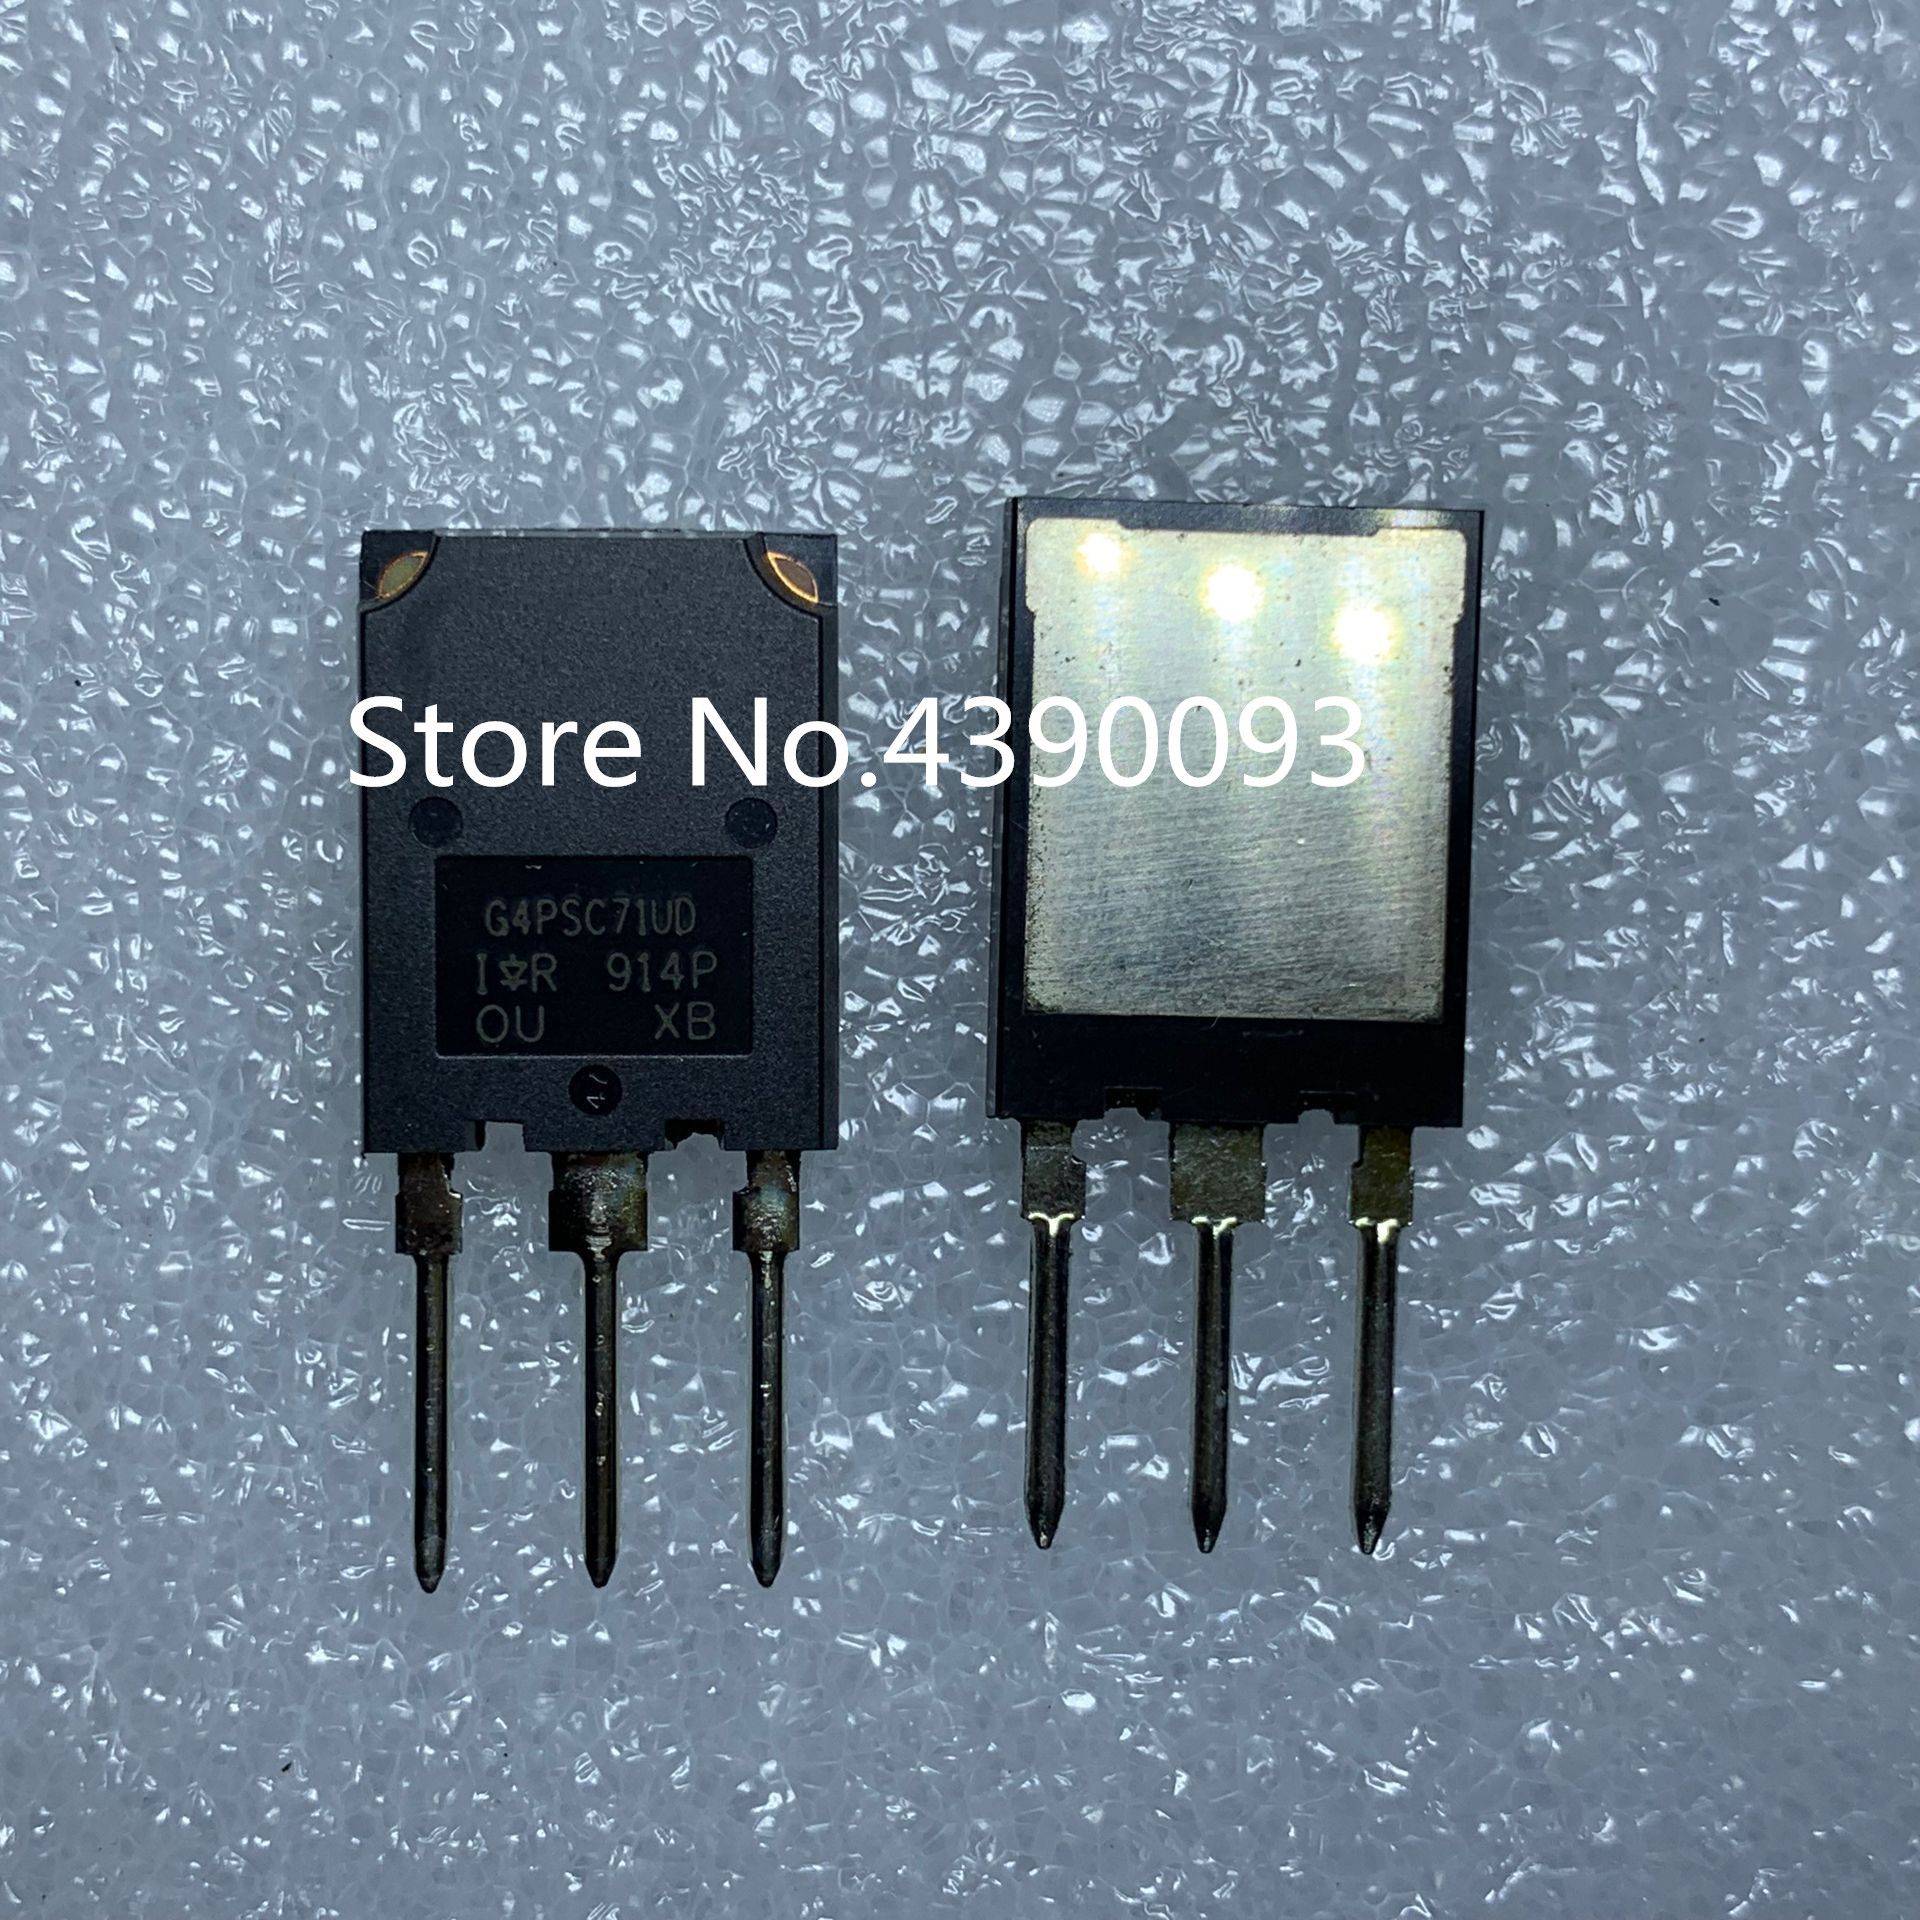 5 pcs/lot 100% d'origine IRG4PSC71UD G4PSC71UD 600 V 85A